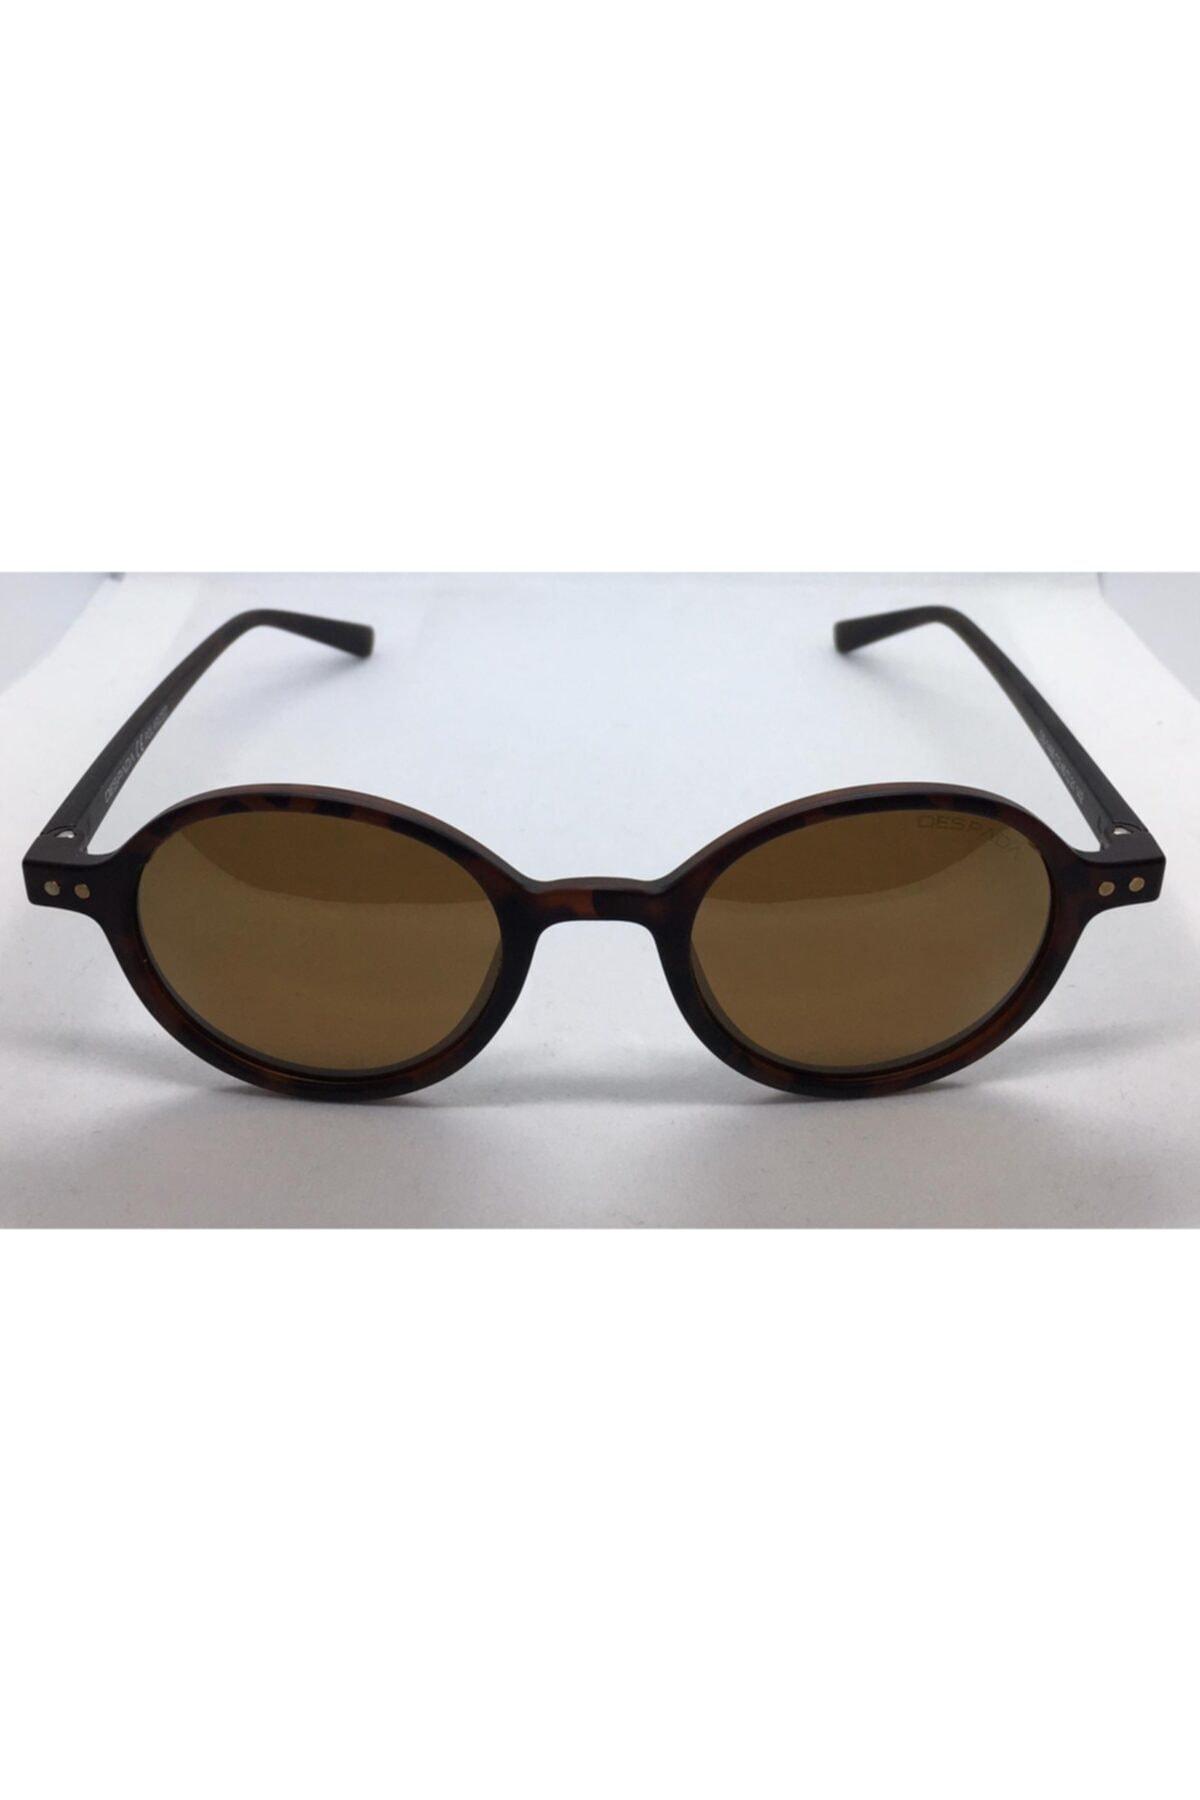 عینک آفتابی مردانه نخ پنبه برند Despada رنگ قهوه ای کد ty68232688